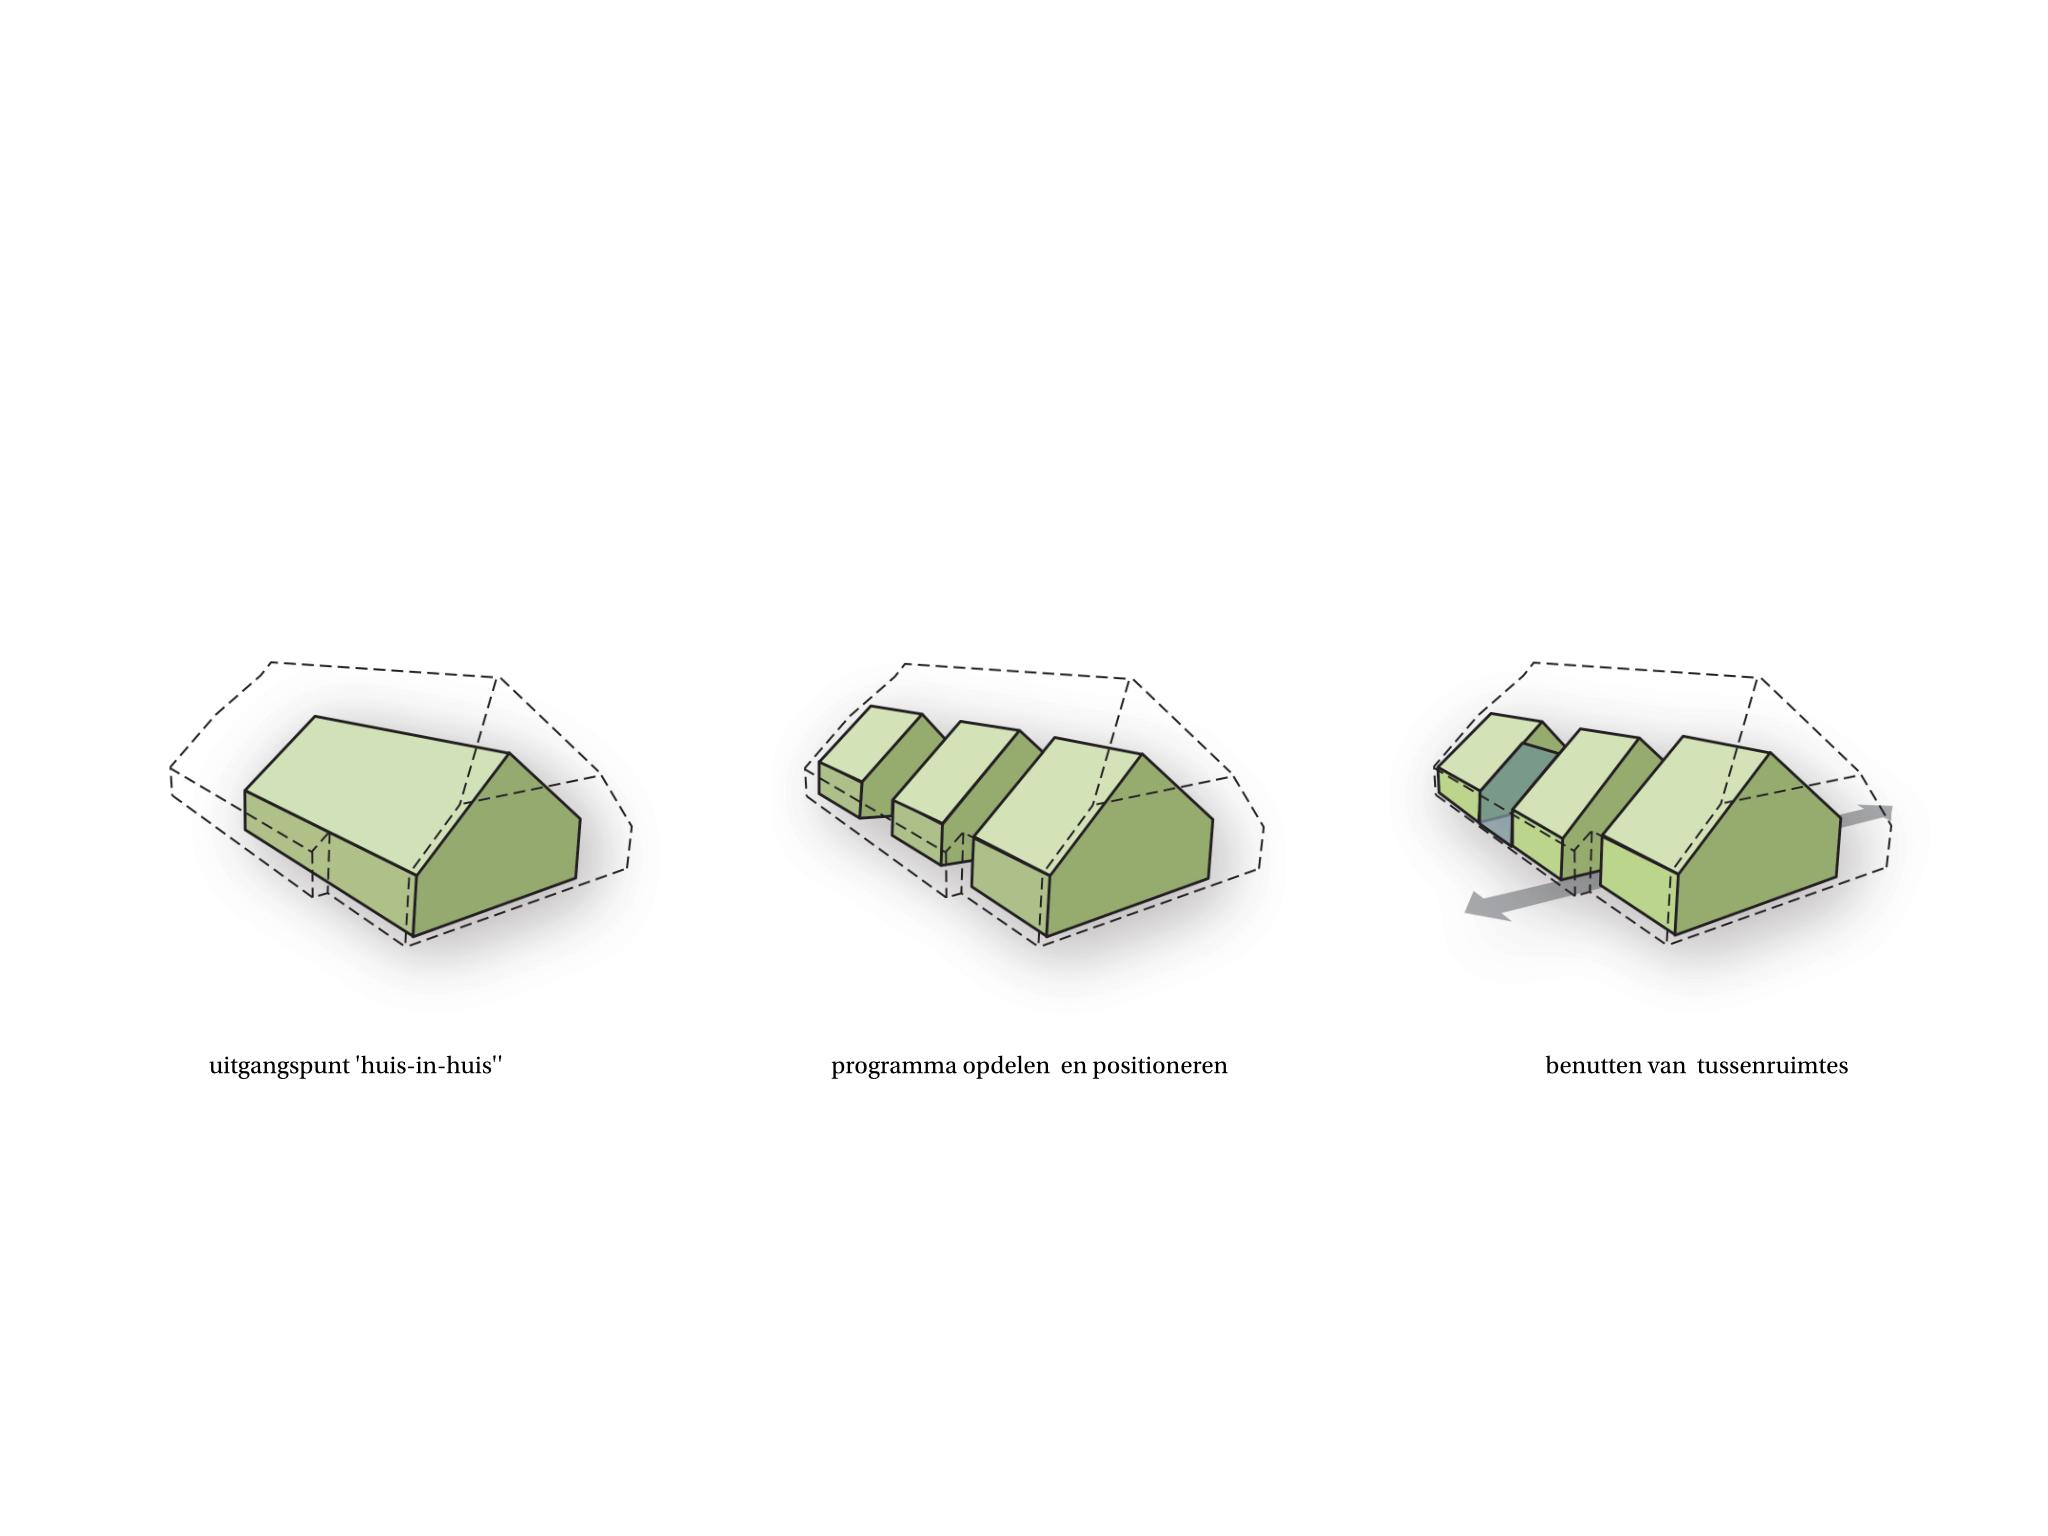 huis in deel(en) schema